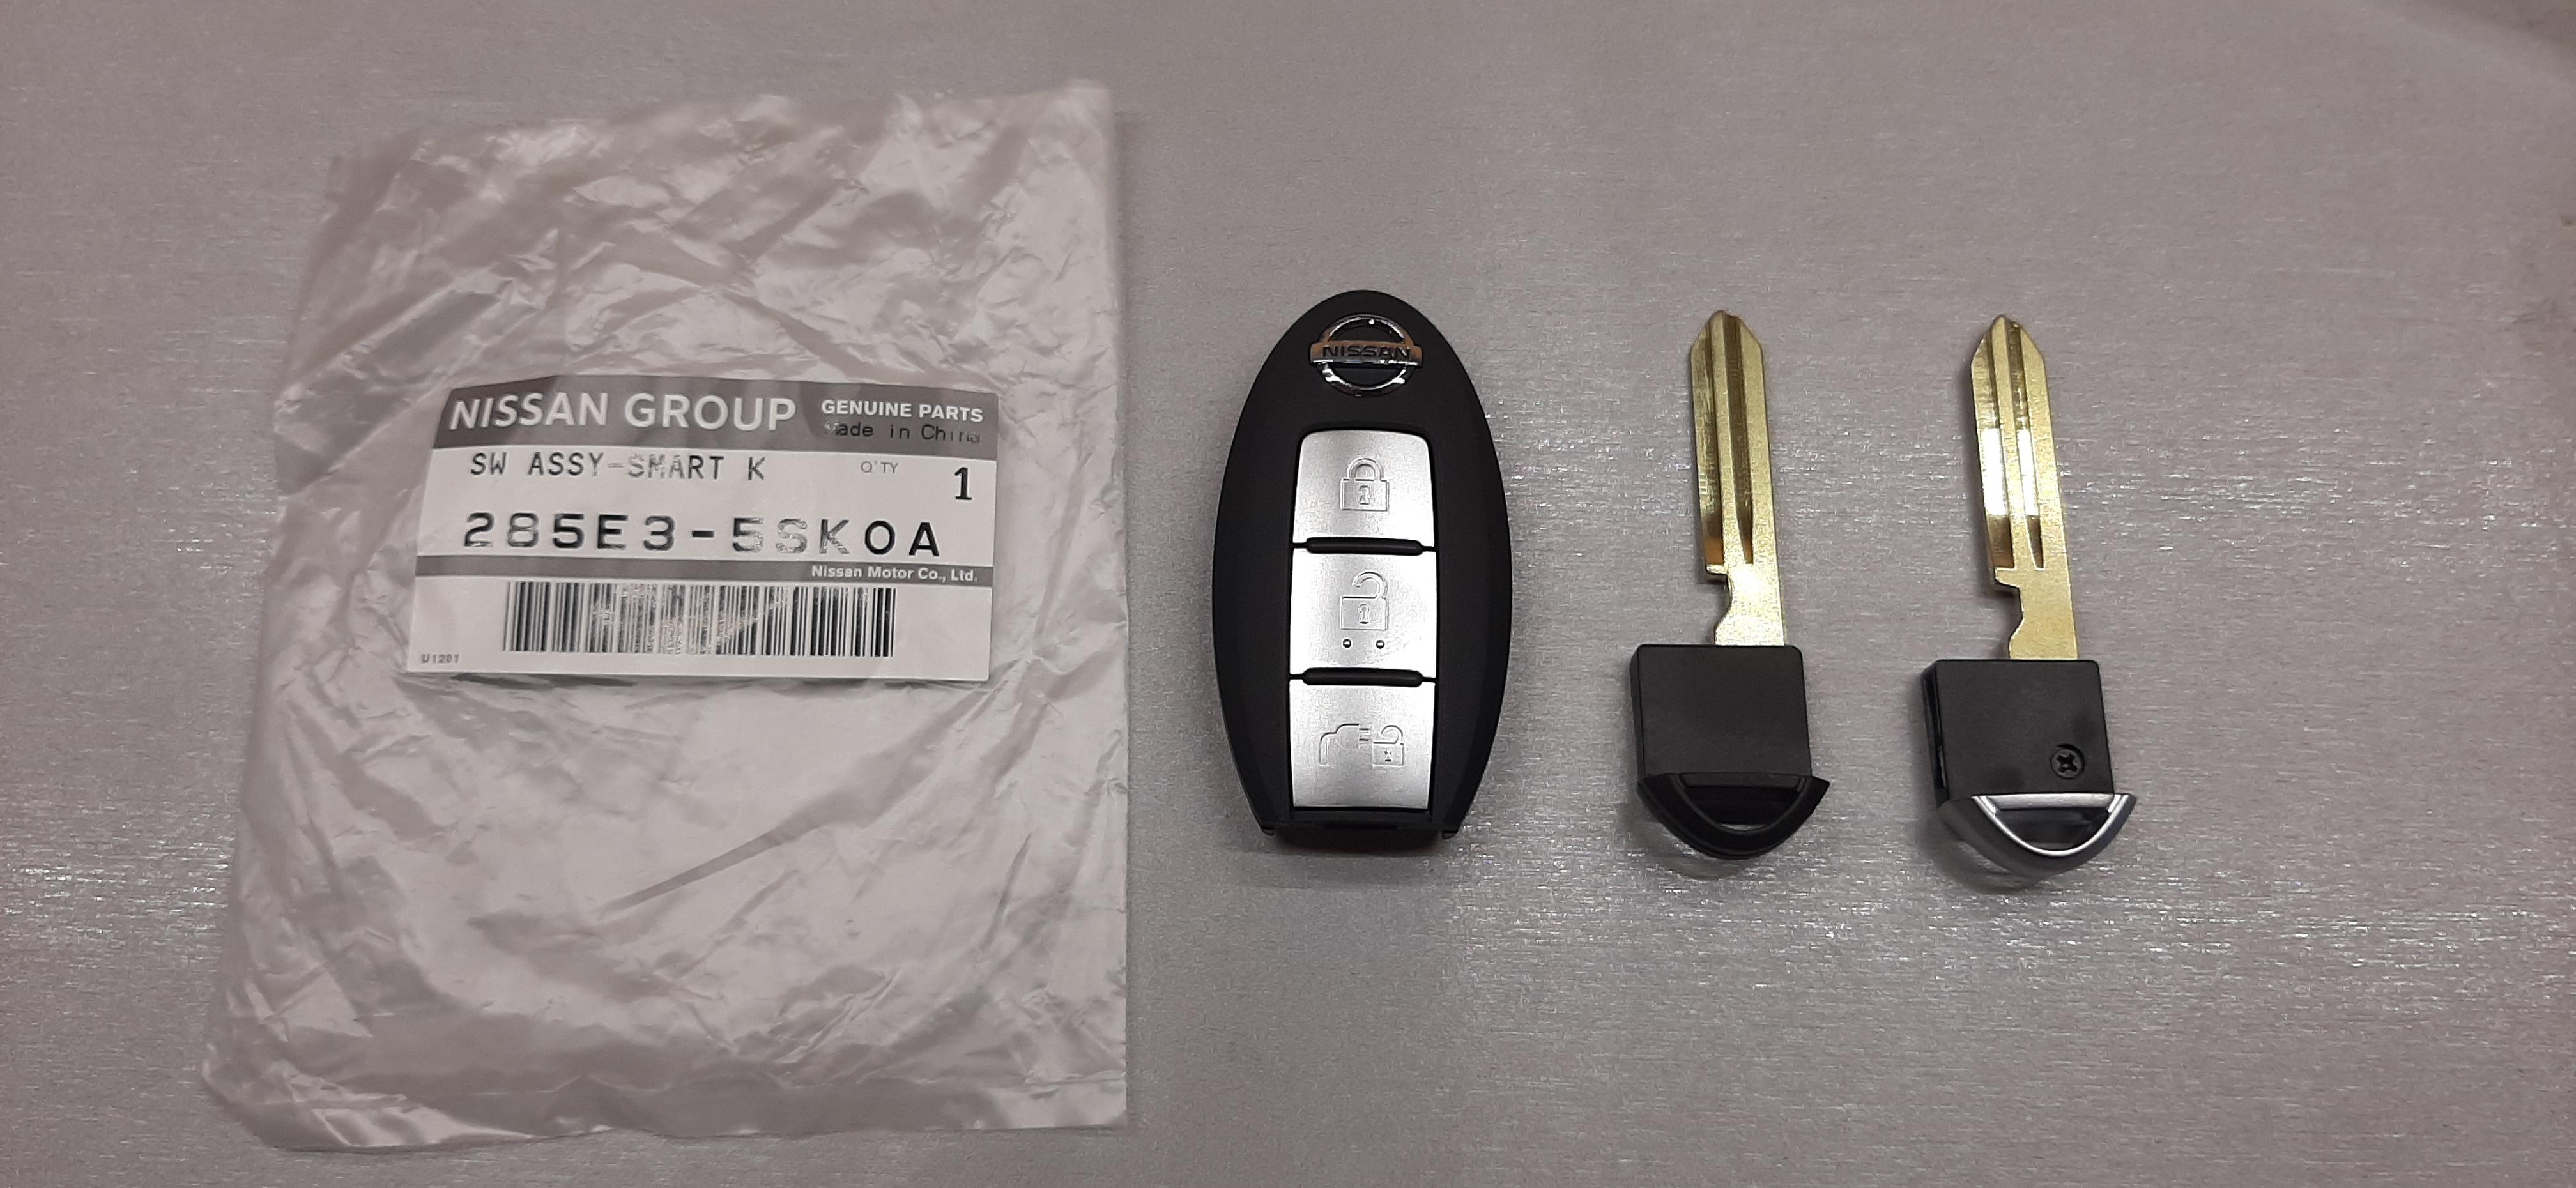 Ключ для Nissan Leaf ZE1 в Липецке!